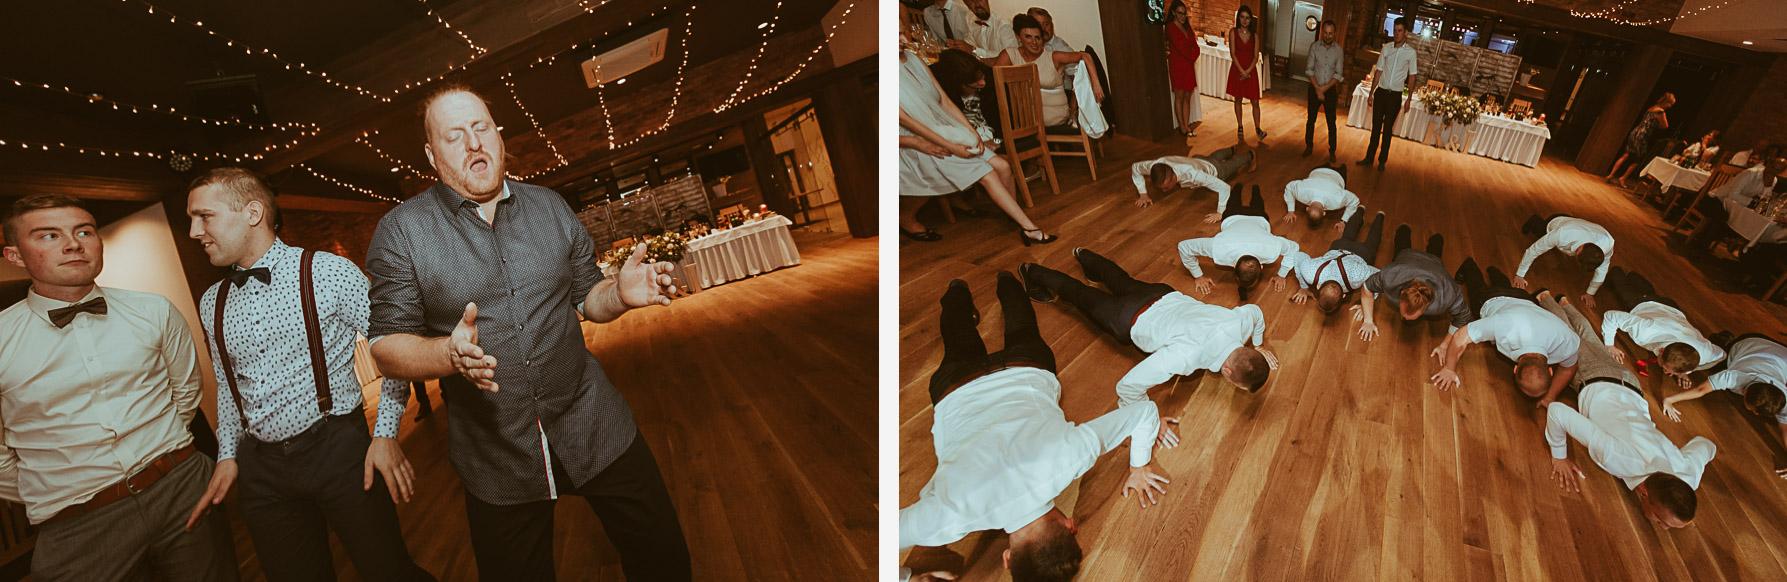 Zdjęcia Ślubne Wisła 163 44v